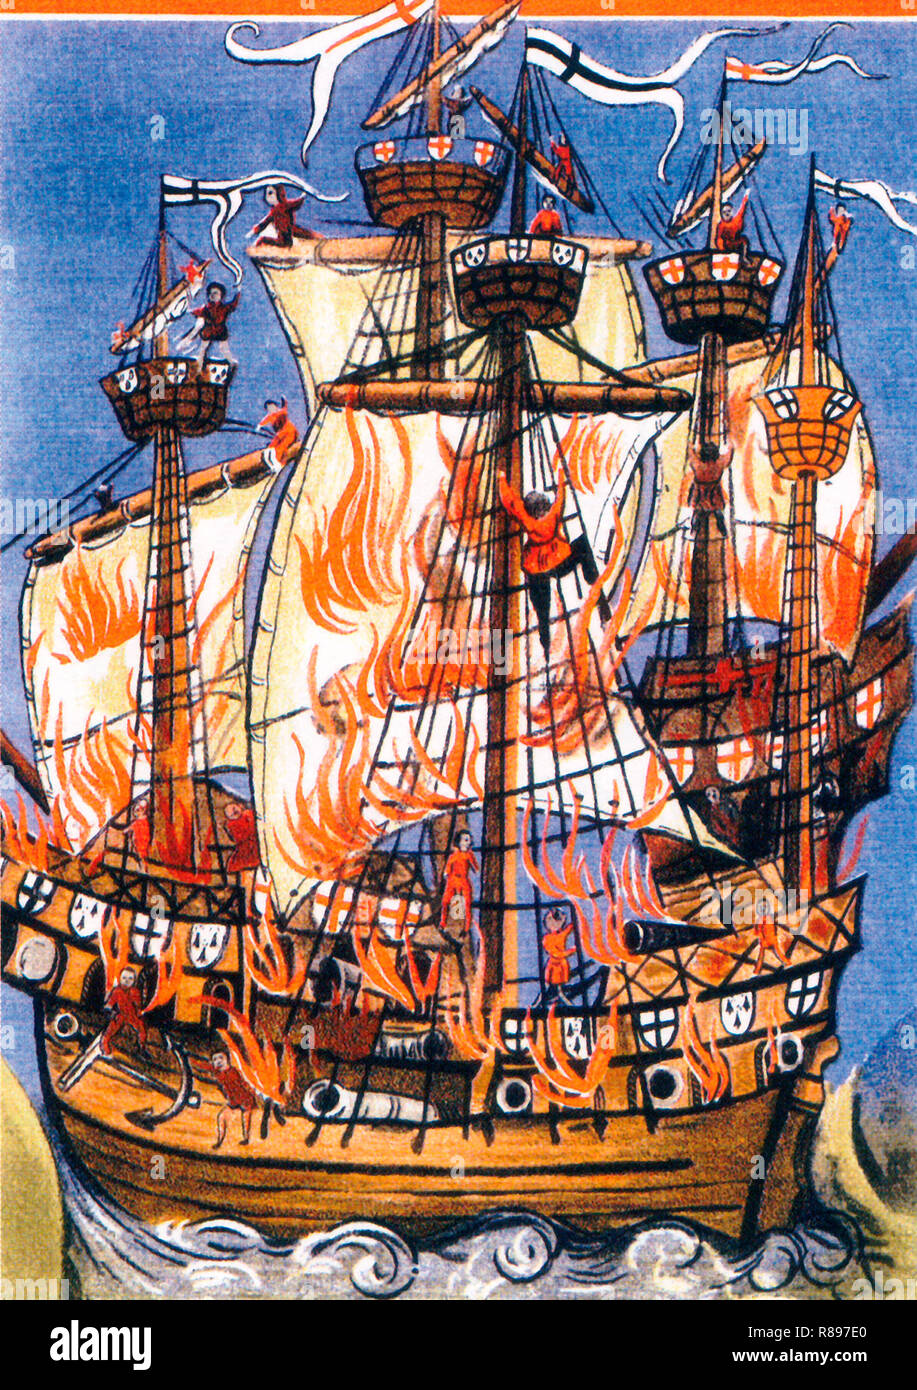 Le navire de guerre français et anglais la cordelière Regent navire en feu à la bataille de Saint Mathieu le 10 août 1512. Illustration pour un poème épique en Amérique écrit par le poète de la cour Germain de Brie. Photo Stock